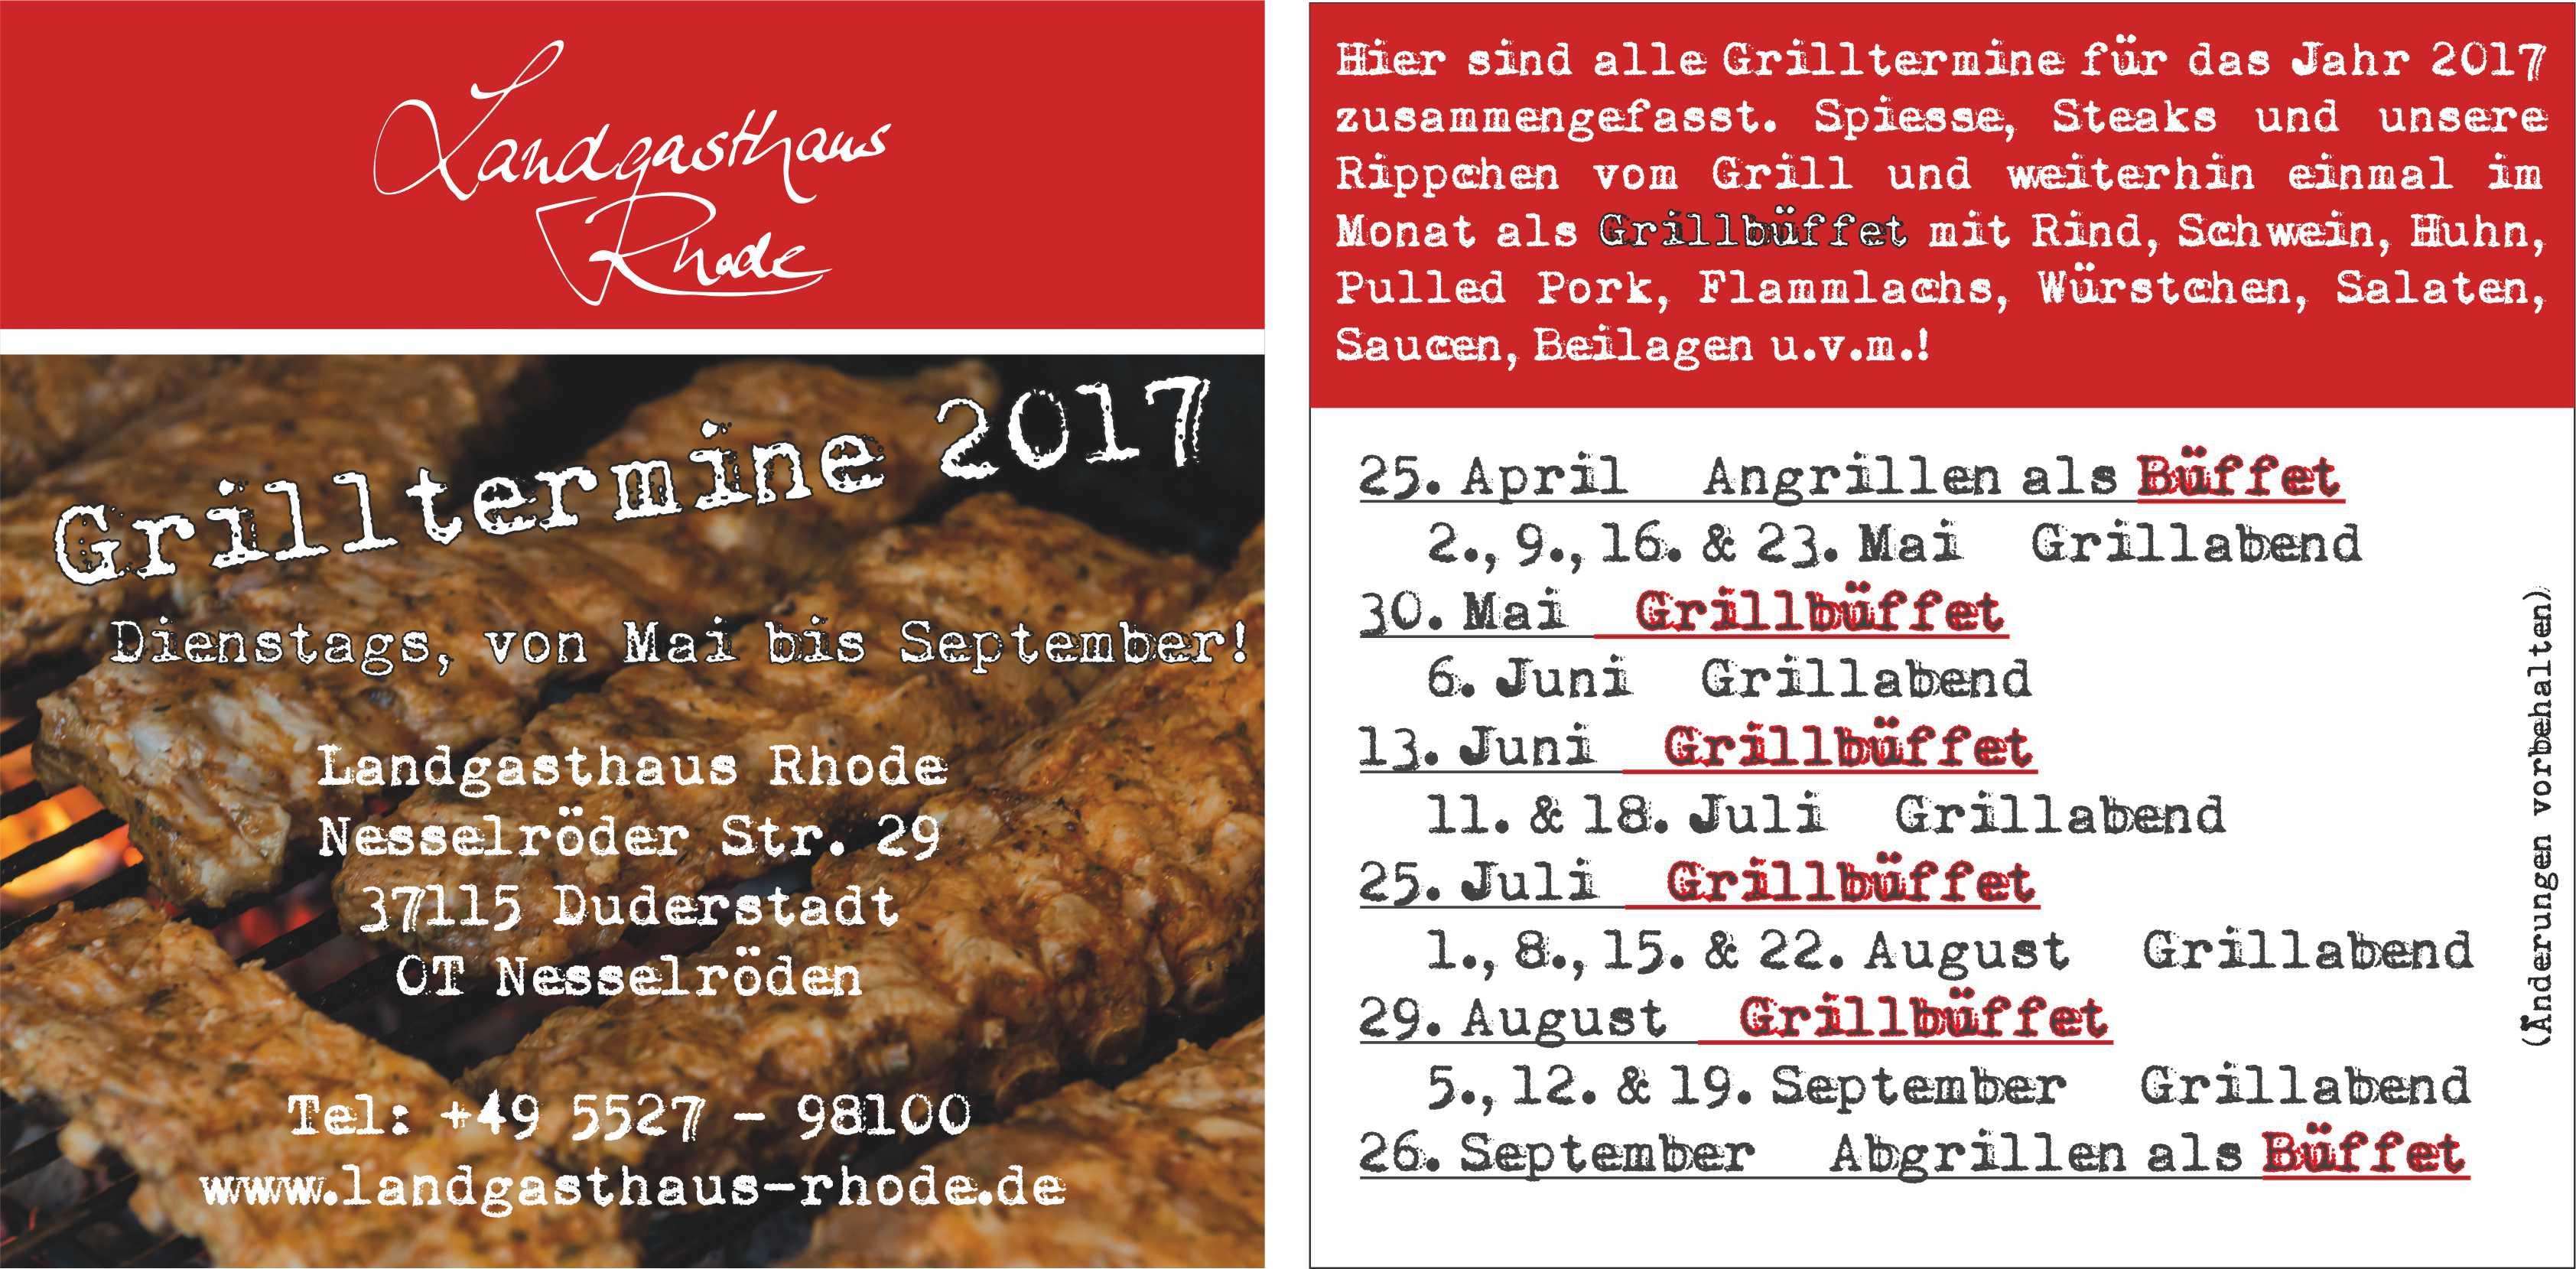 Grilltermine 2017